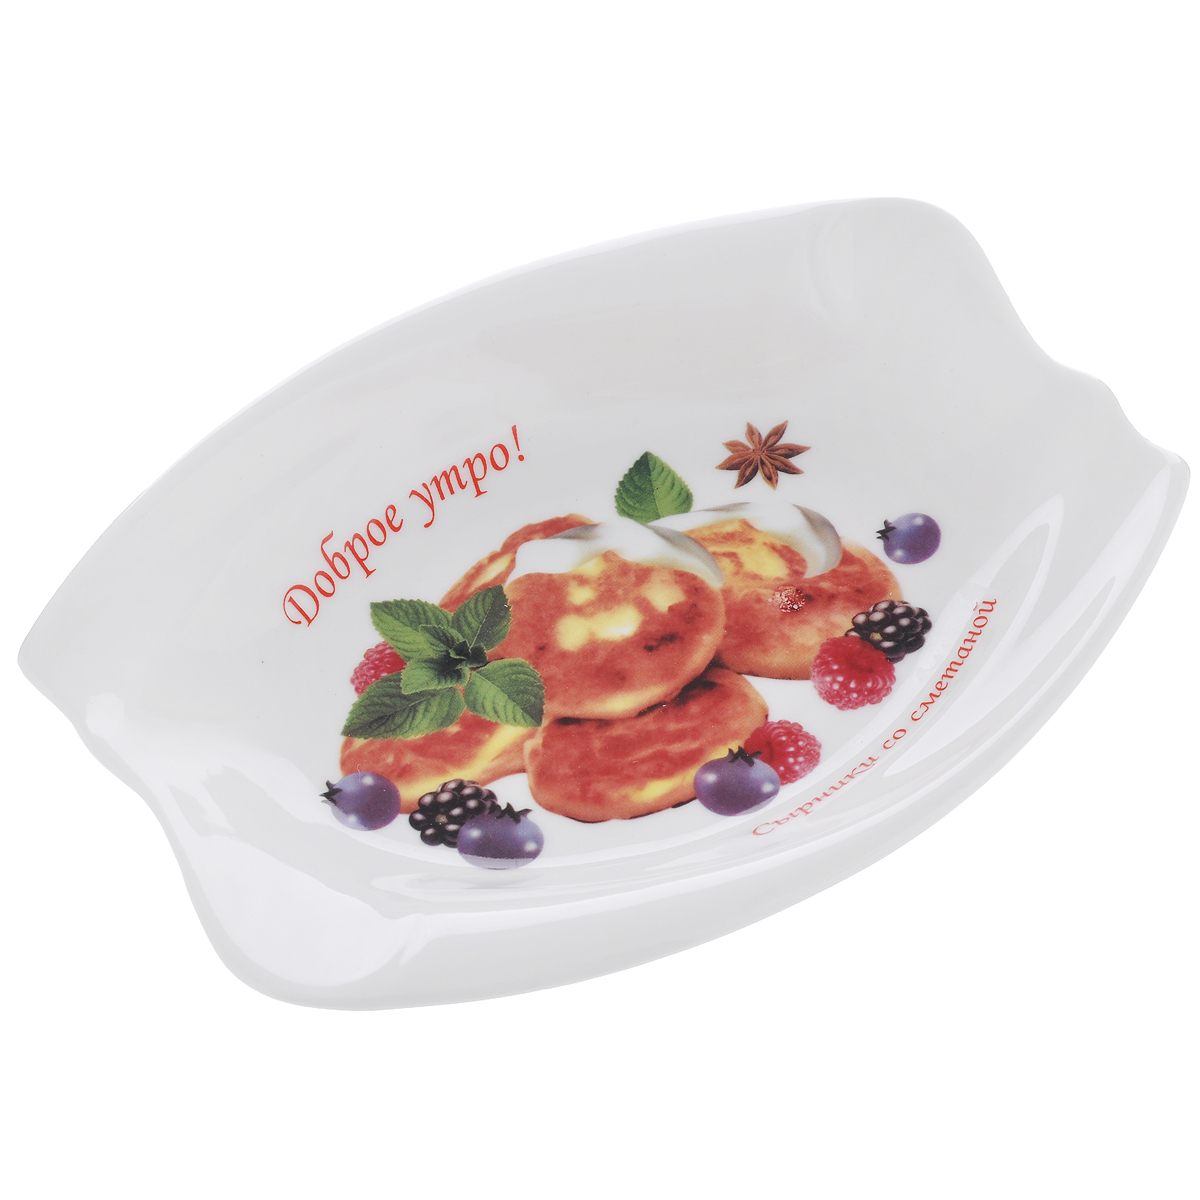 Блюдо LarangE Сырники со сметаной, 19,5 см х 14,5 см115510Блюдо LarangE Сырники со сметаной изготовлено из прочного высококачественного фарфора. Изделие украшено изображением сырников.Пусть ваше утро начинается с незабываемого завтрака!Можно использовать в СВЧ печах, духовом шкафу и холодильнике. Не применять абразивные чистящие вещества.Размер блюда: 19,5 см х 14,5 см. Высота блюда: 2,5 см.